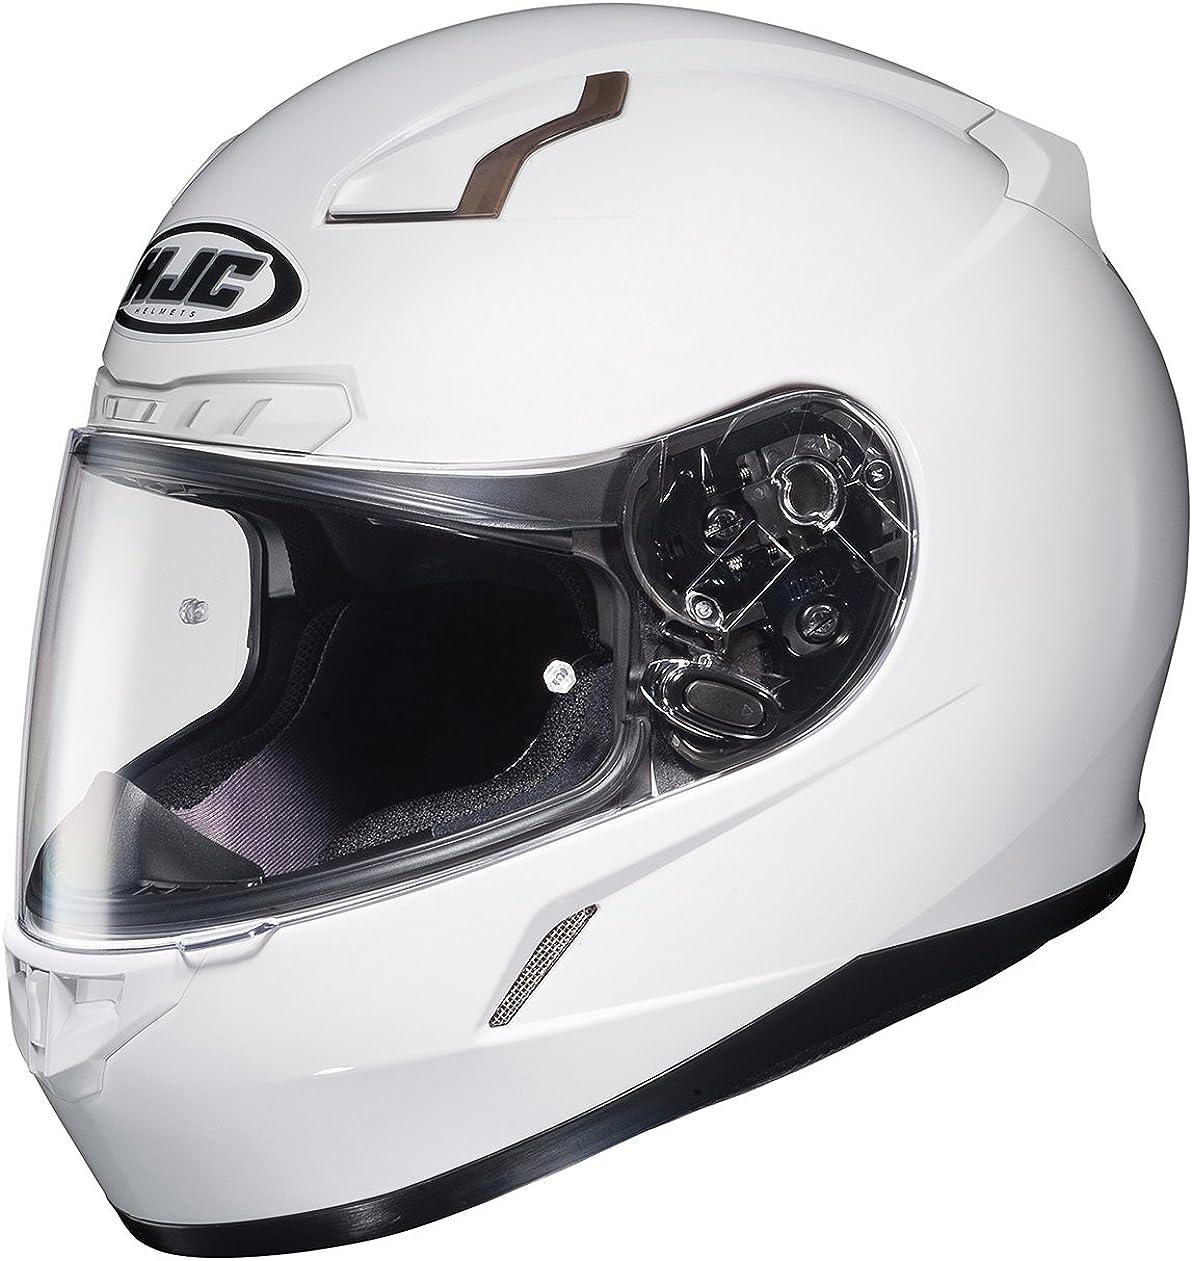 Genuine HJC Wholesale CL-17 Full-Face Motorcycle Helmet